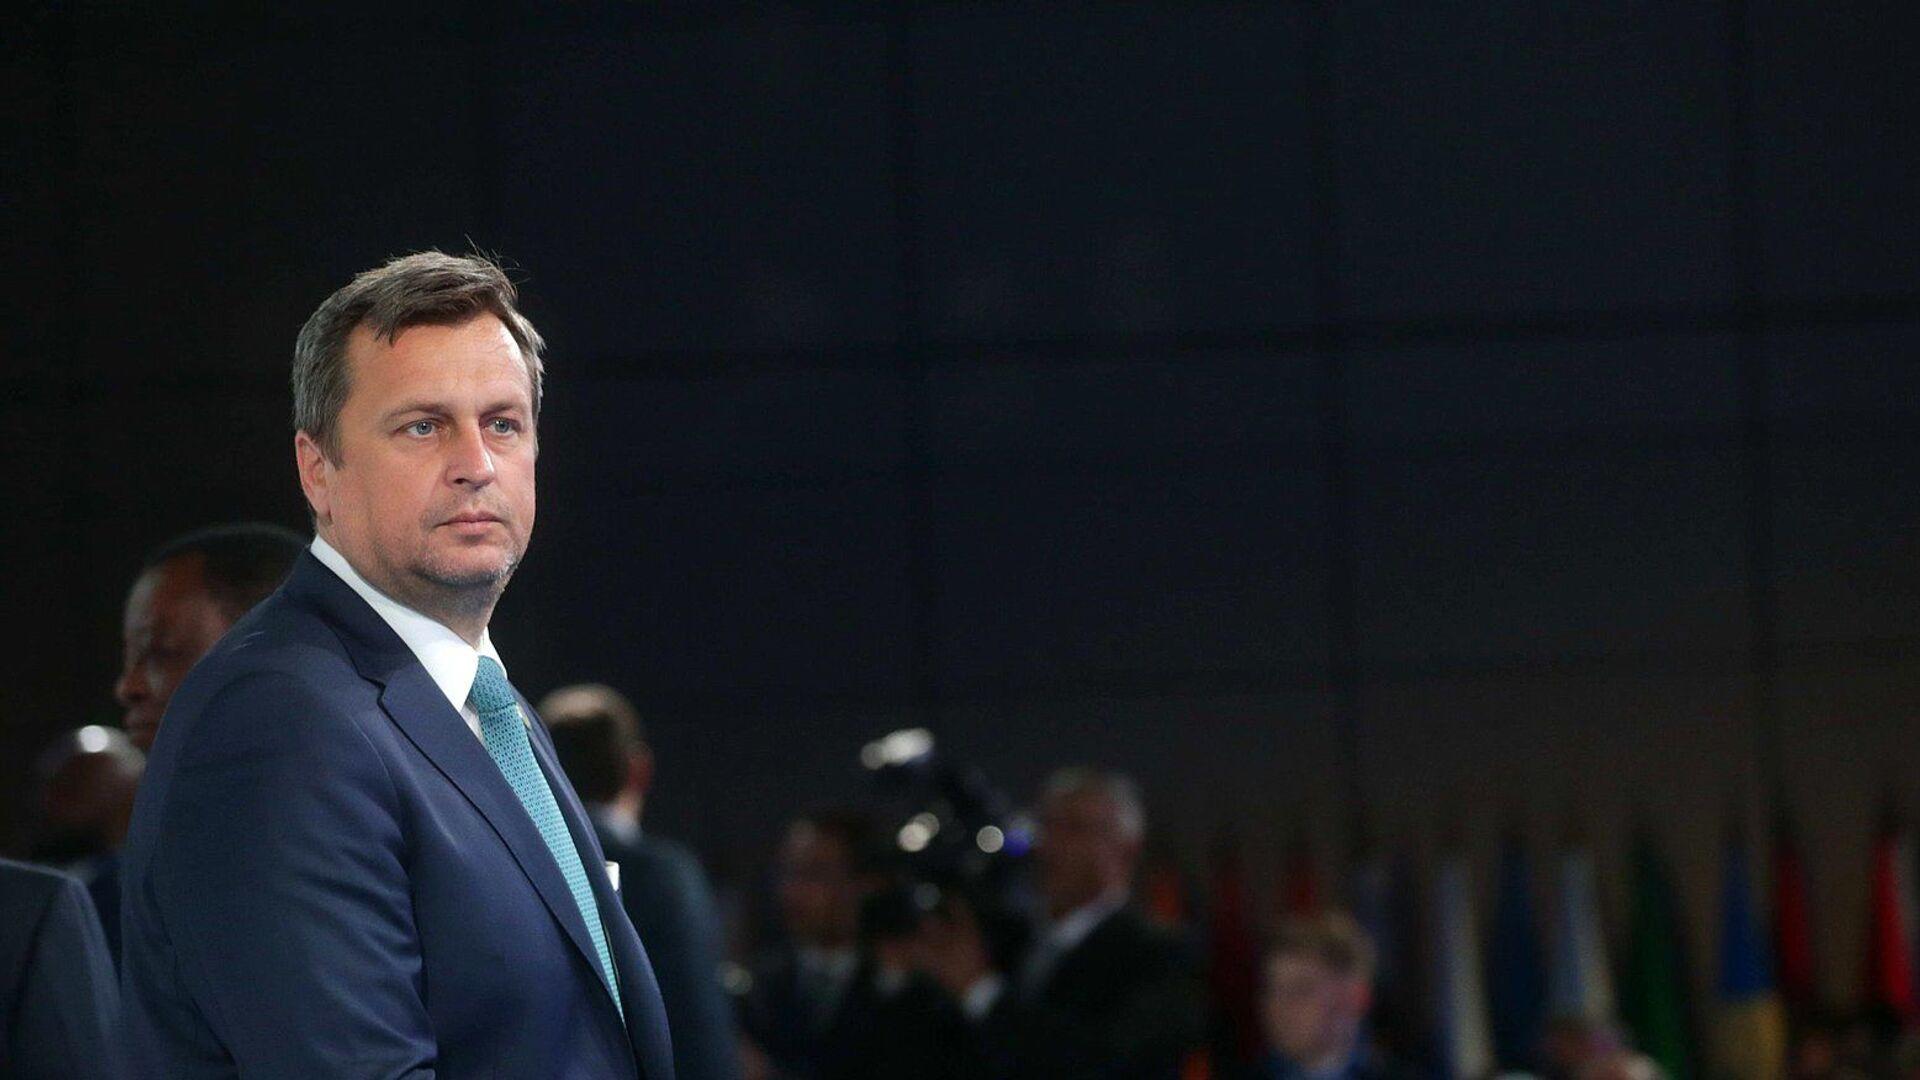 Předseda Národní rady SR a Slovenské národní strany SNS Andrej Danko v Moskvě - Sputnik Česká republika, 1920, 27.05.2021